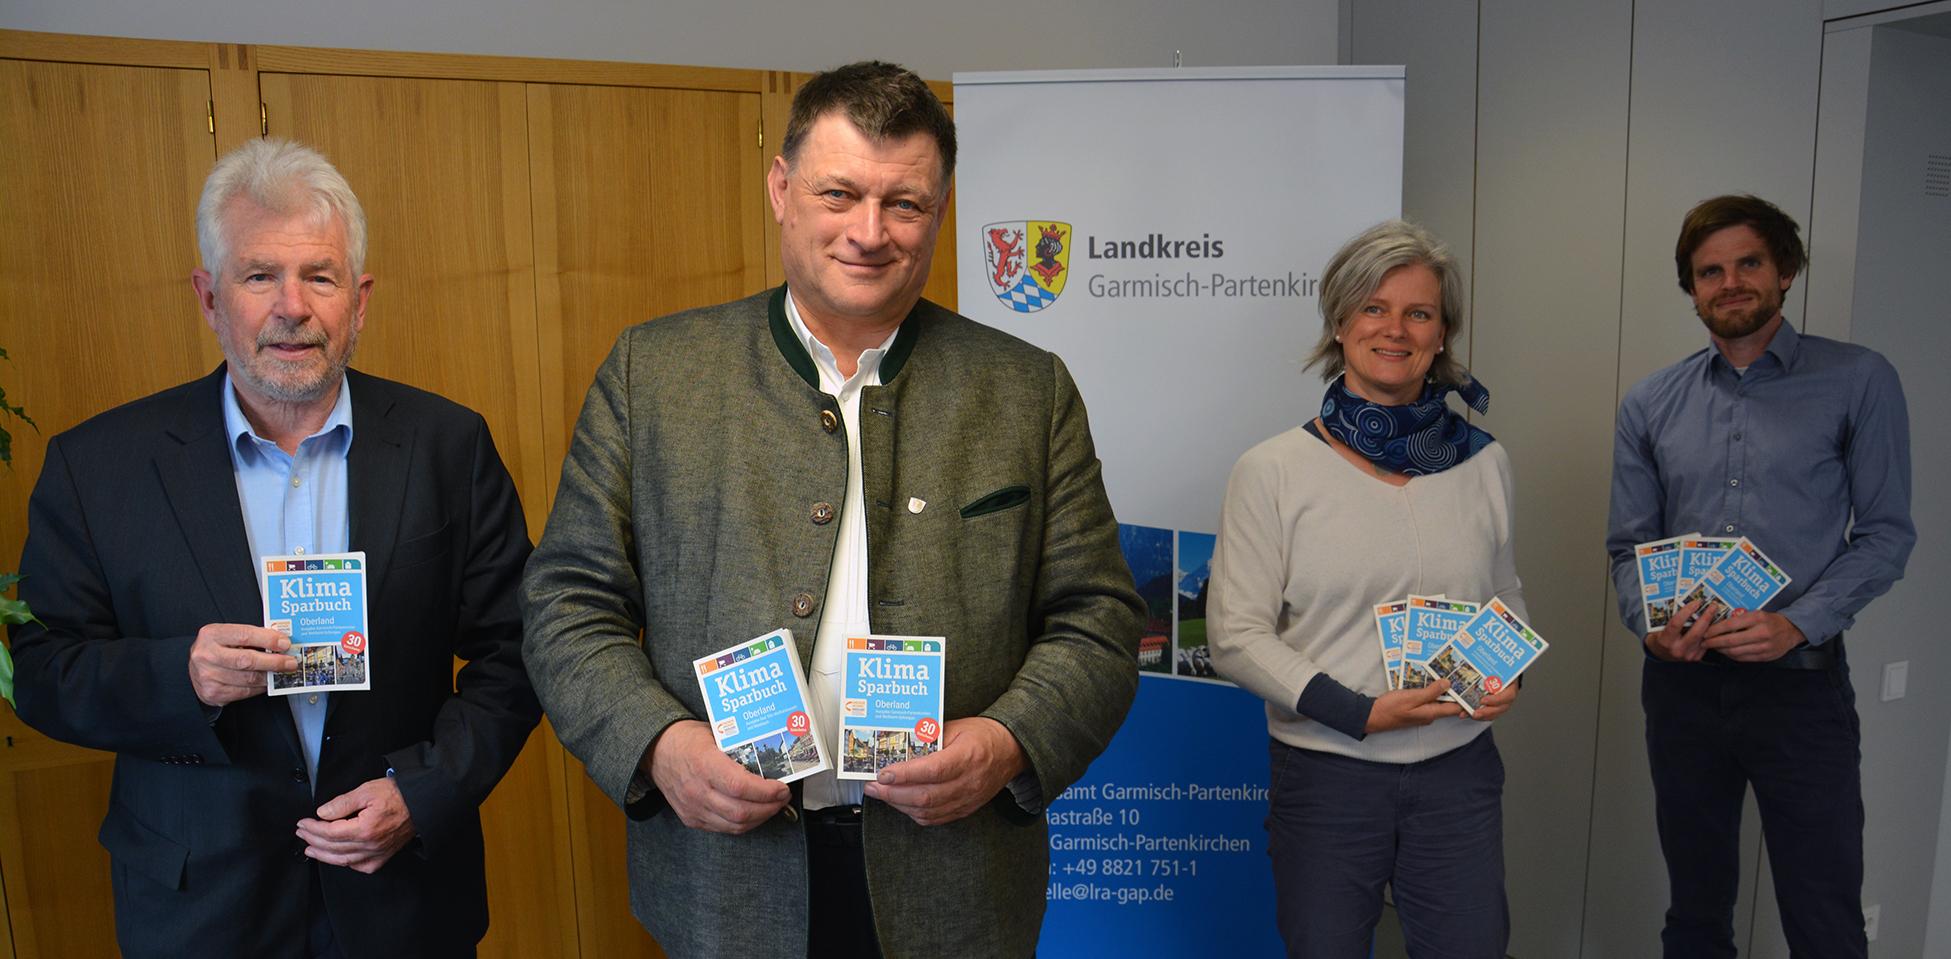 v.l.n.r.: Josef Kellner (EWO), Landrat Anton Speer (GAP), Beate Löw-Schneyder (EWO), Florian Diepold-Erl (Klimaschutzmanager GAP)